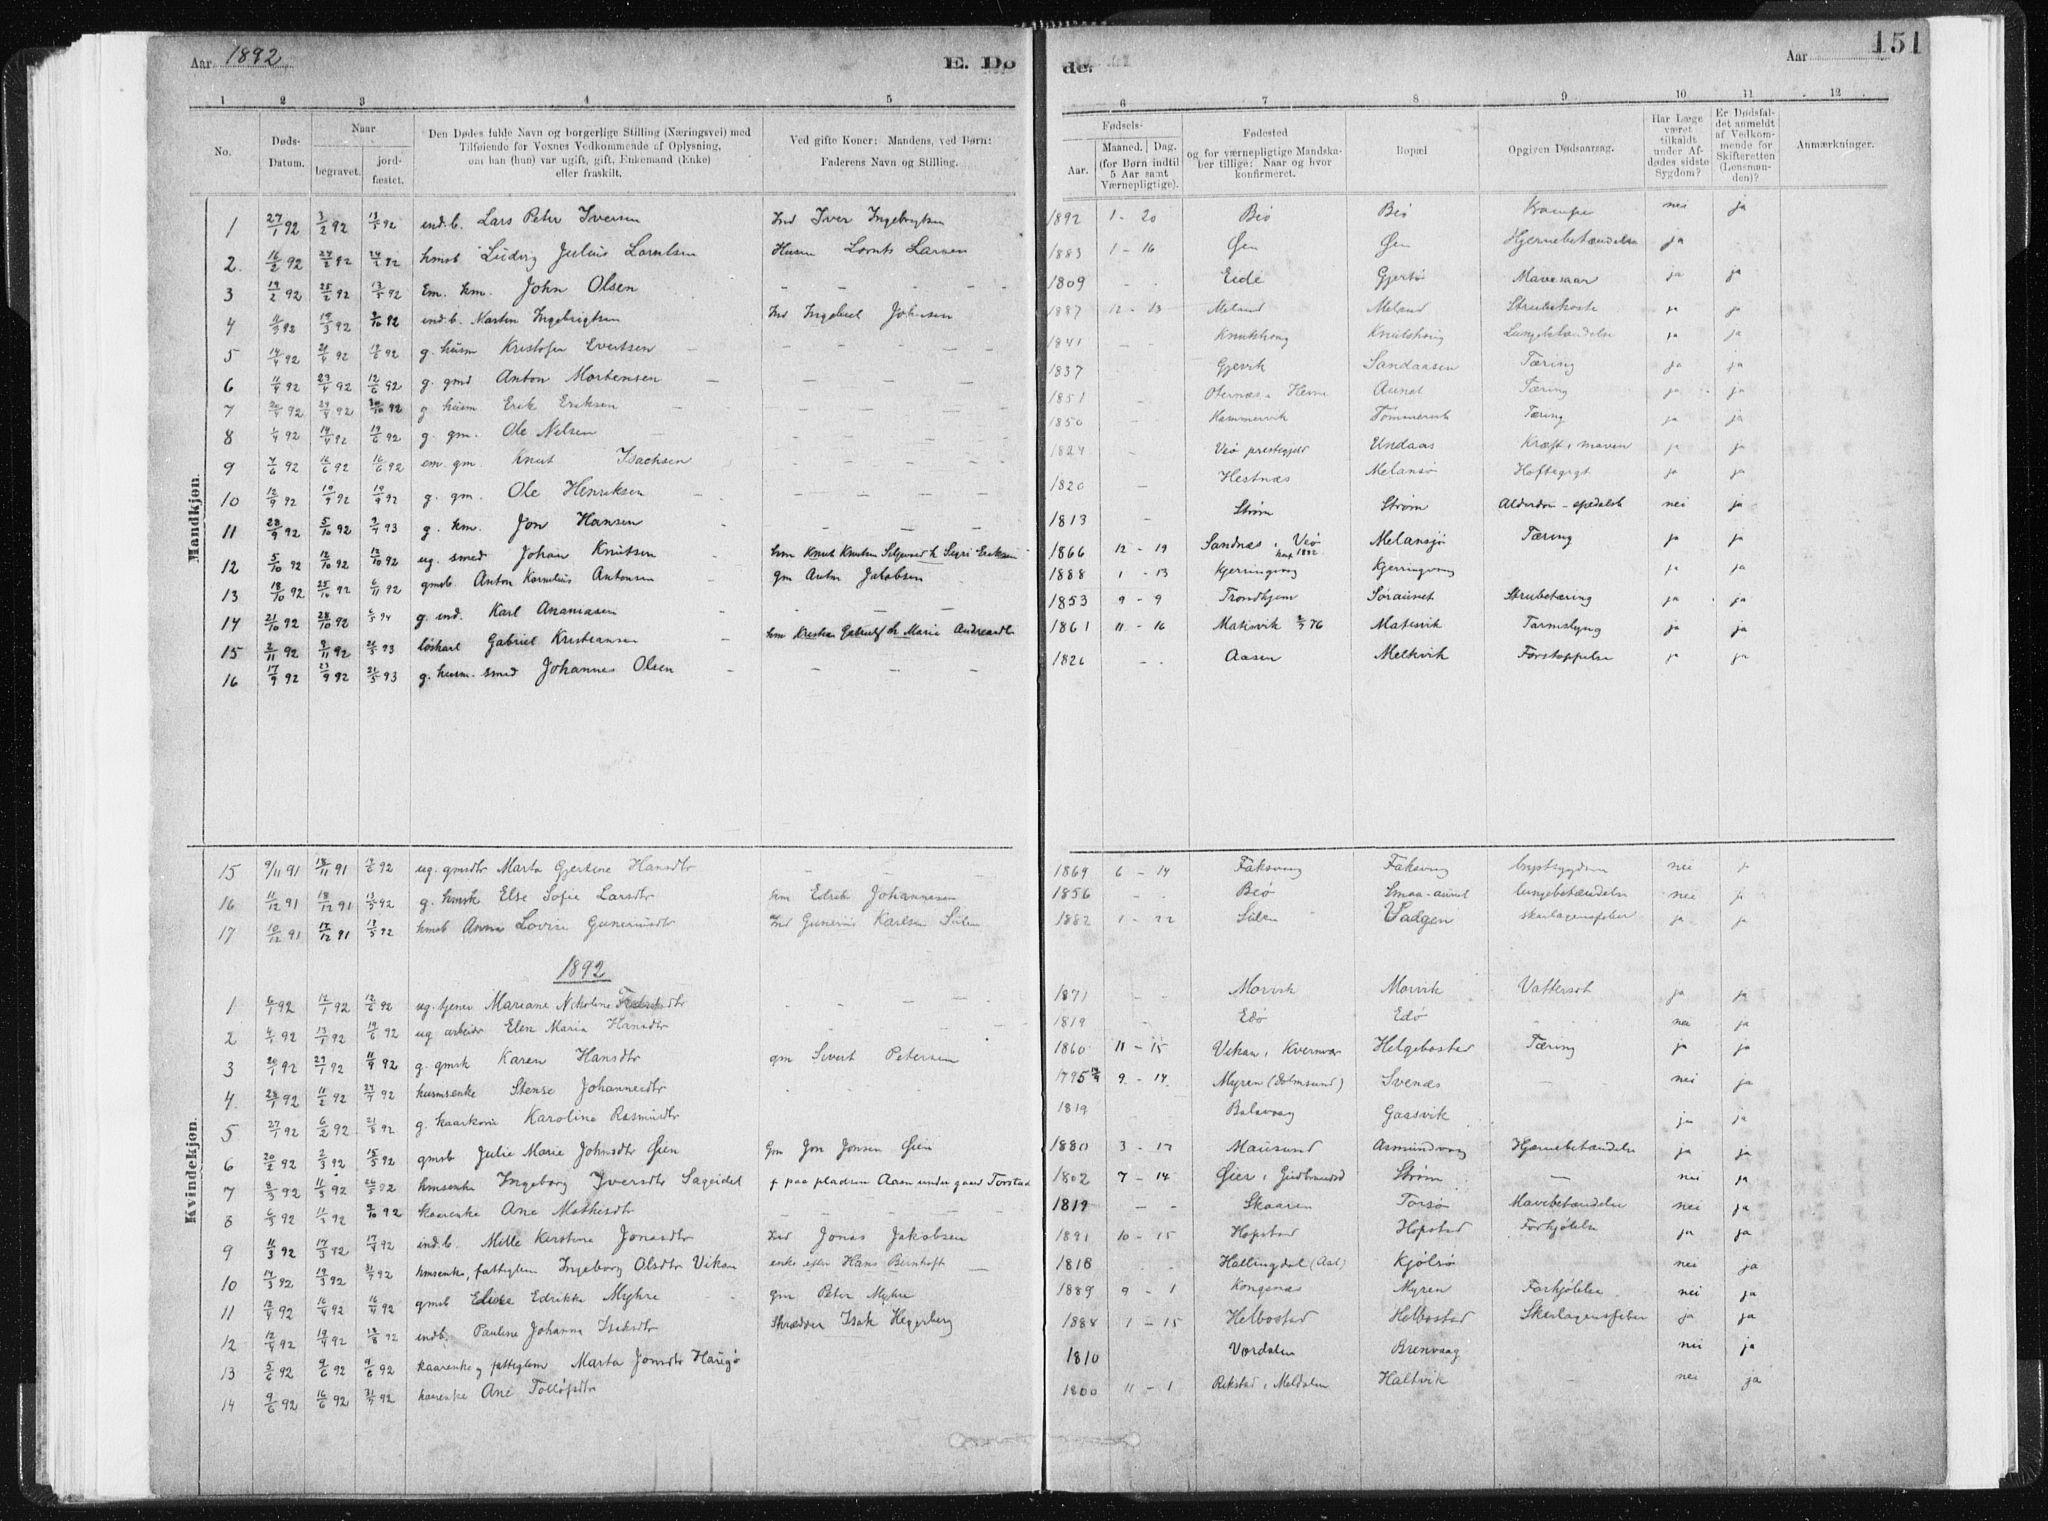 SAT, Ministerialprotokoller, klokkerbøker og fødselsregistre - Sør-Trøndelag, 634/L0533: Ministerialbok nr. 634A09, 1882-1901, s. 151